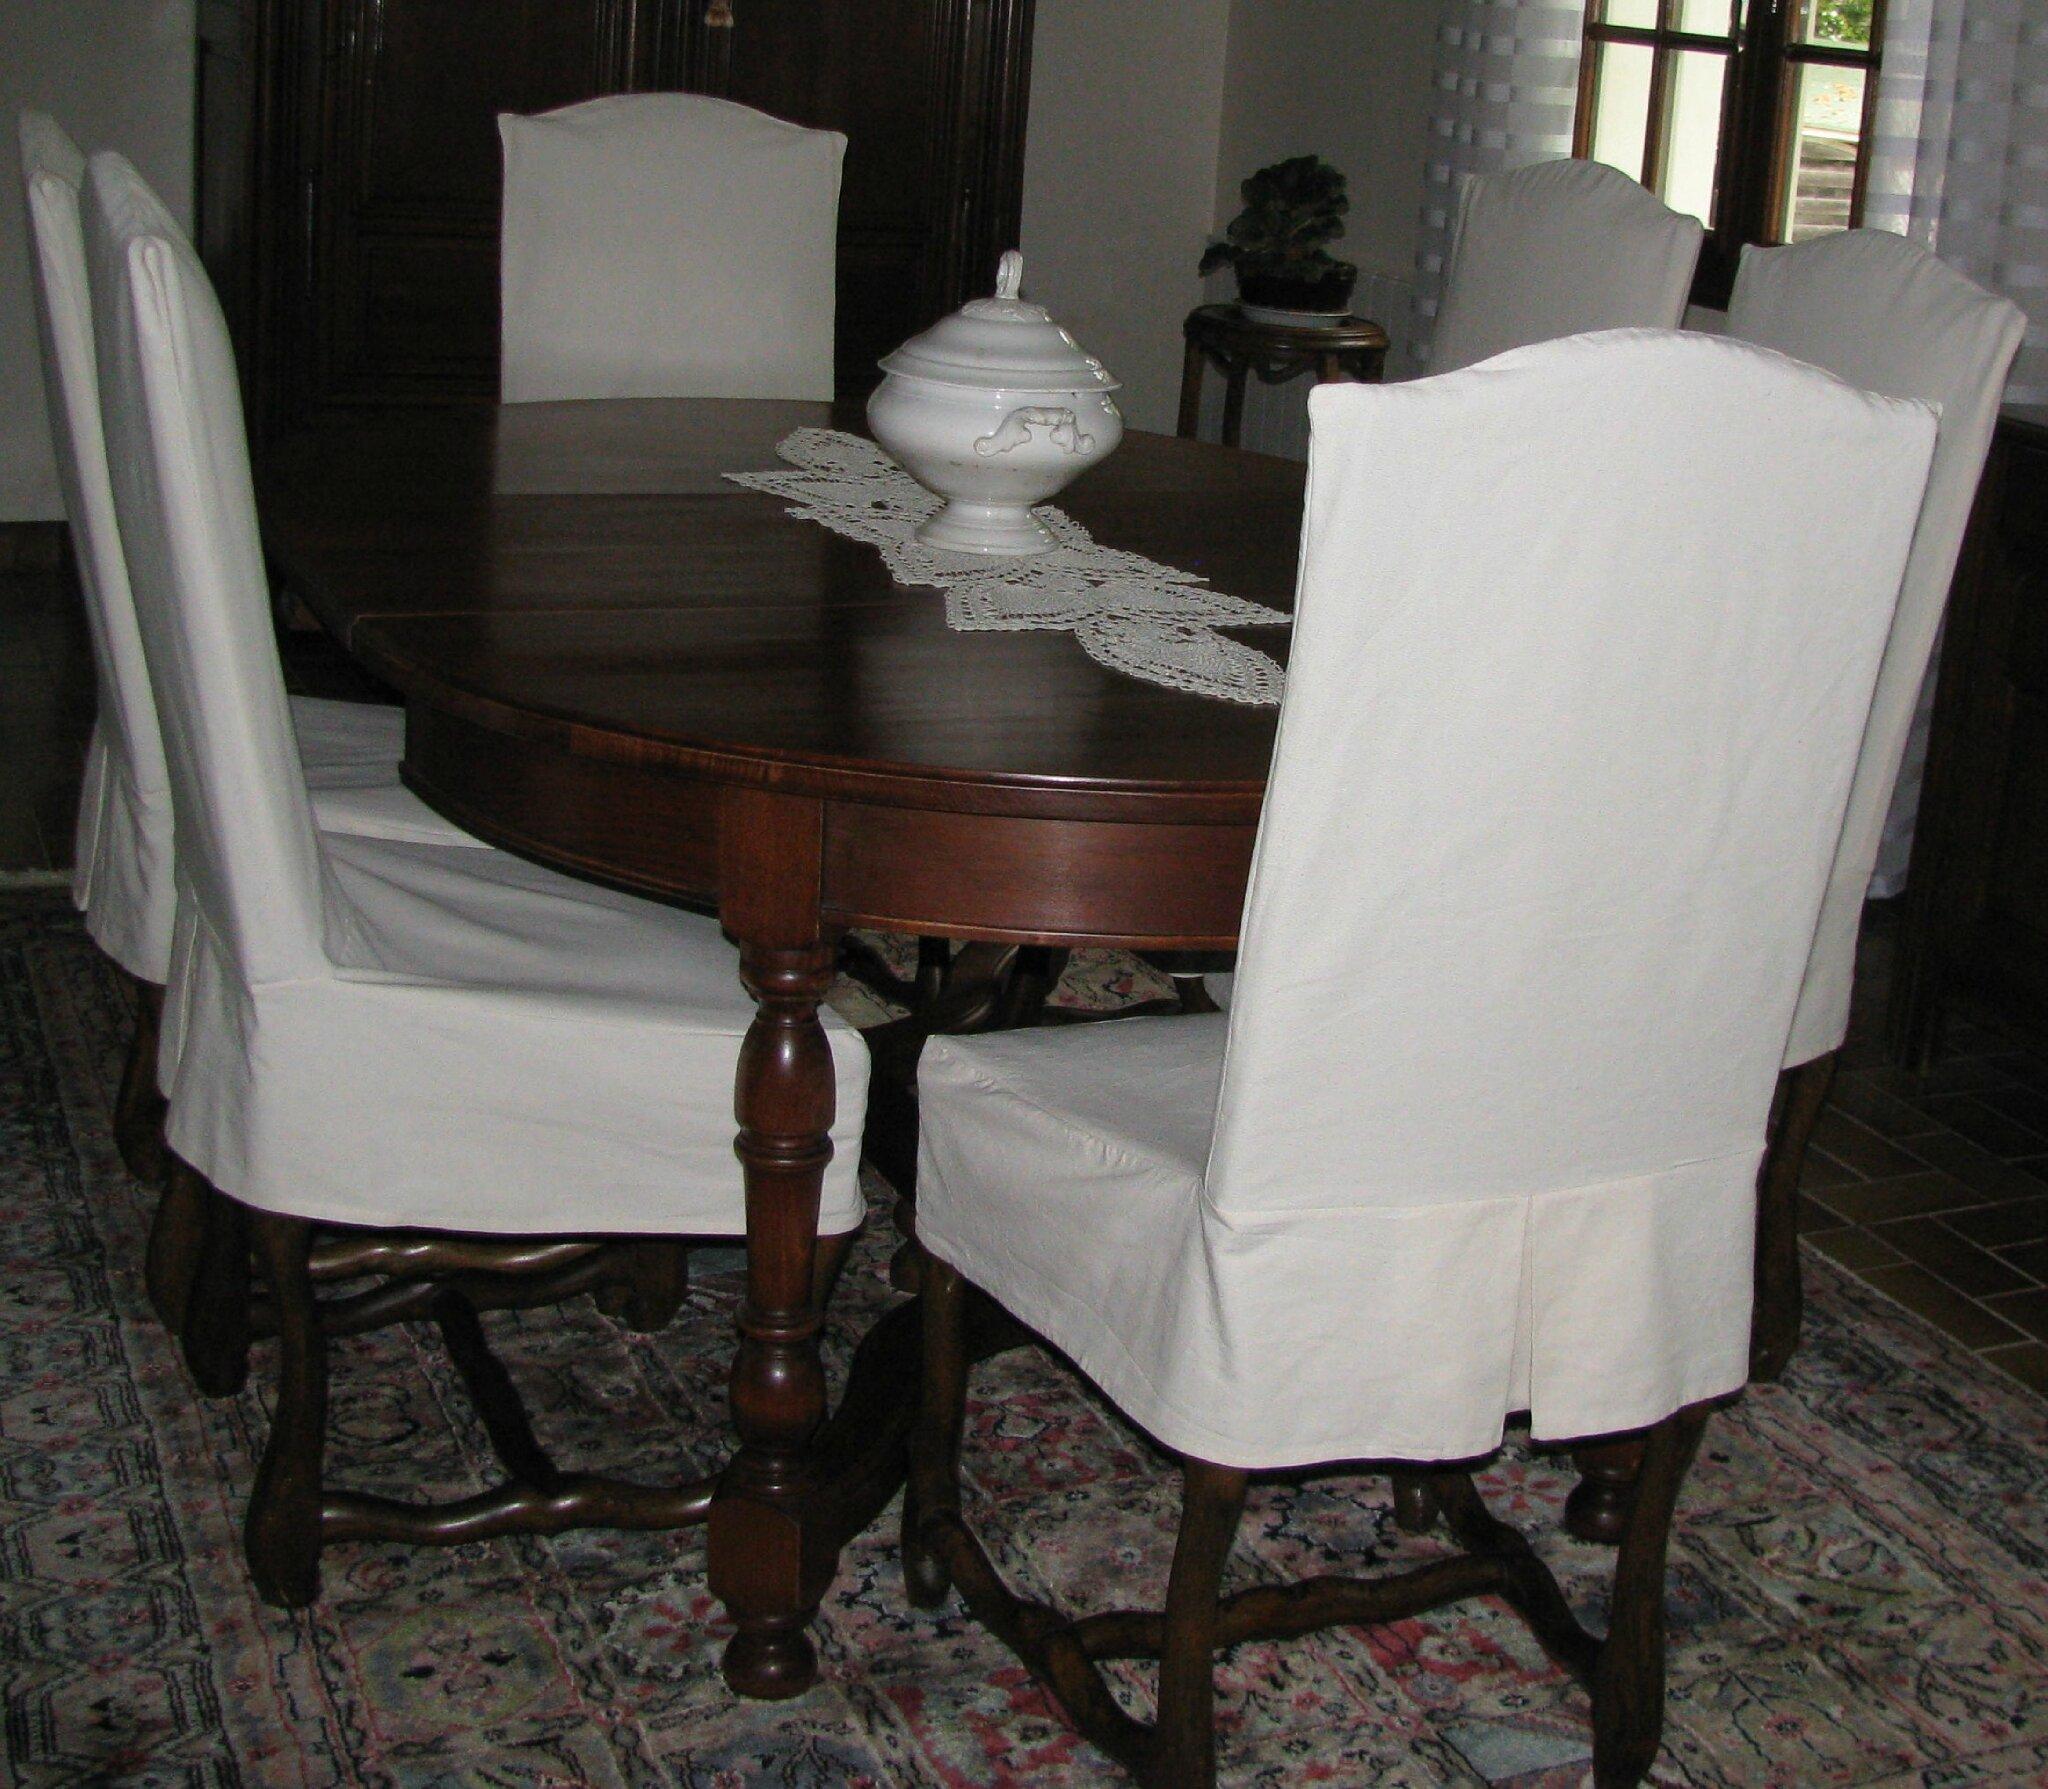 Housse courte photo de housses de chaises housses de chaises sur mesure m - Housse de chaise sur mesure ...